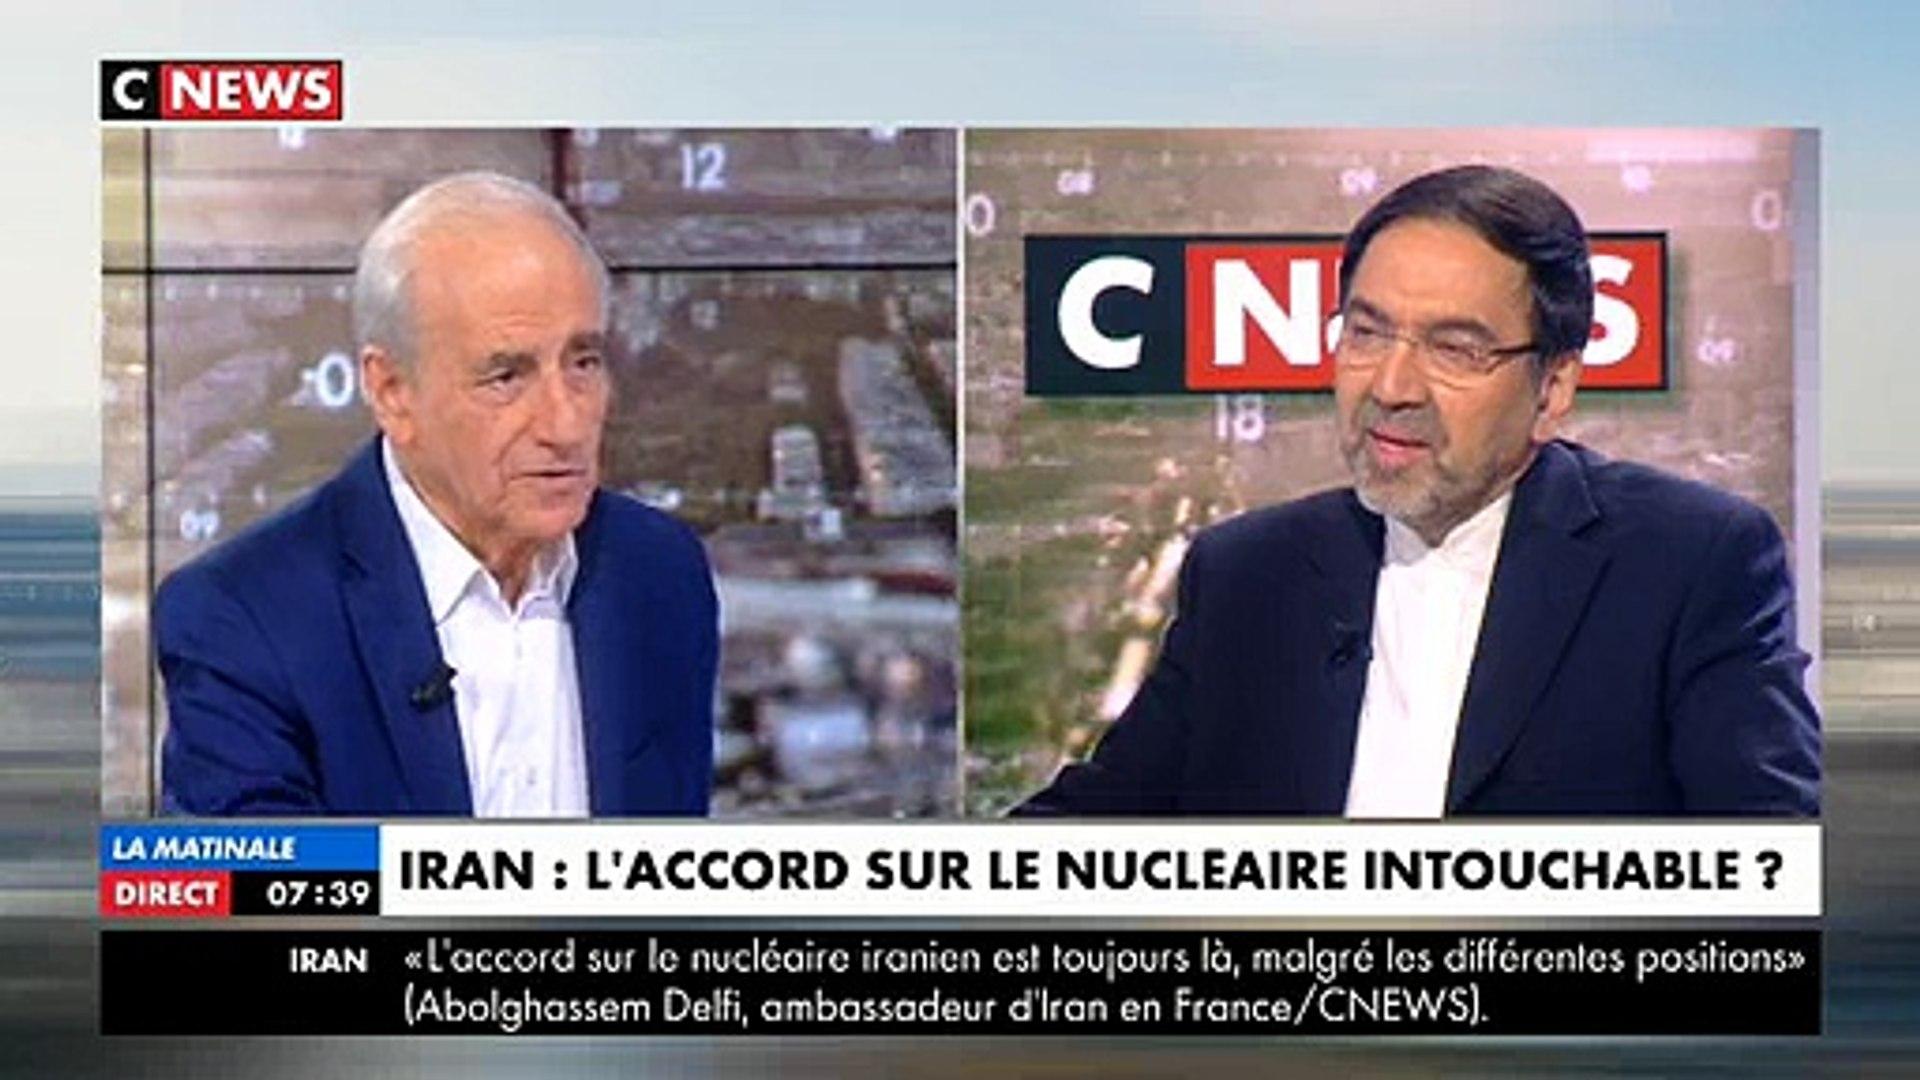 L'ambassadeur d'Iran en France refuse de serrer la main à Clélie Mathias, présentatrice de